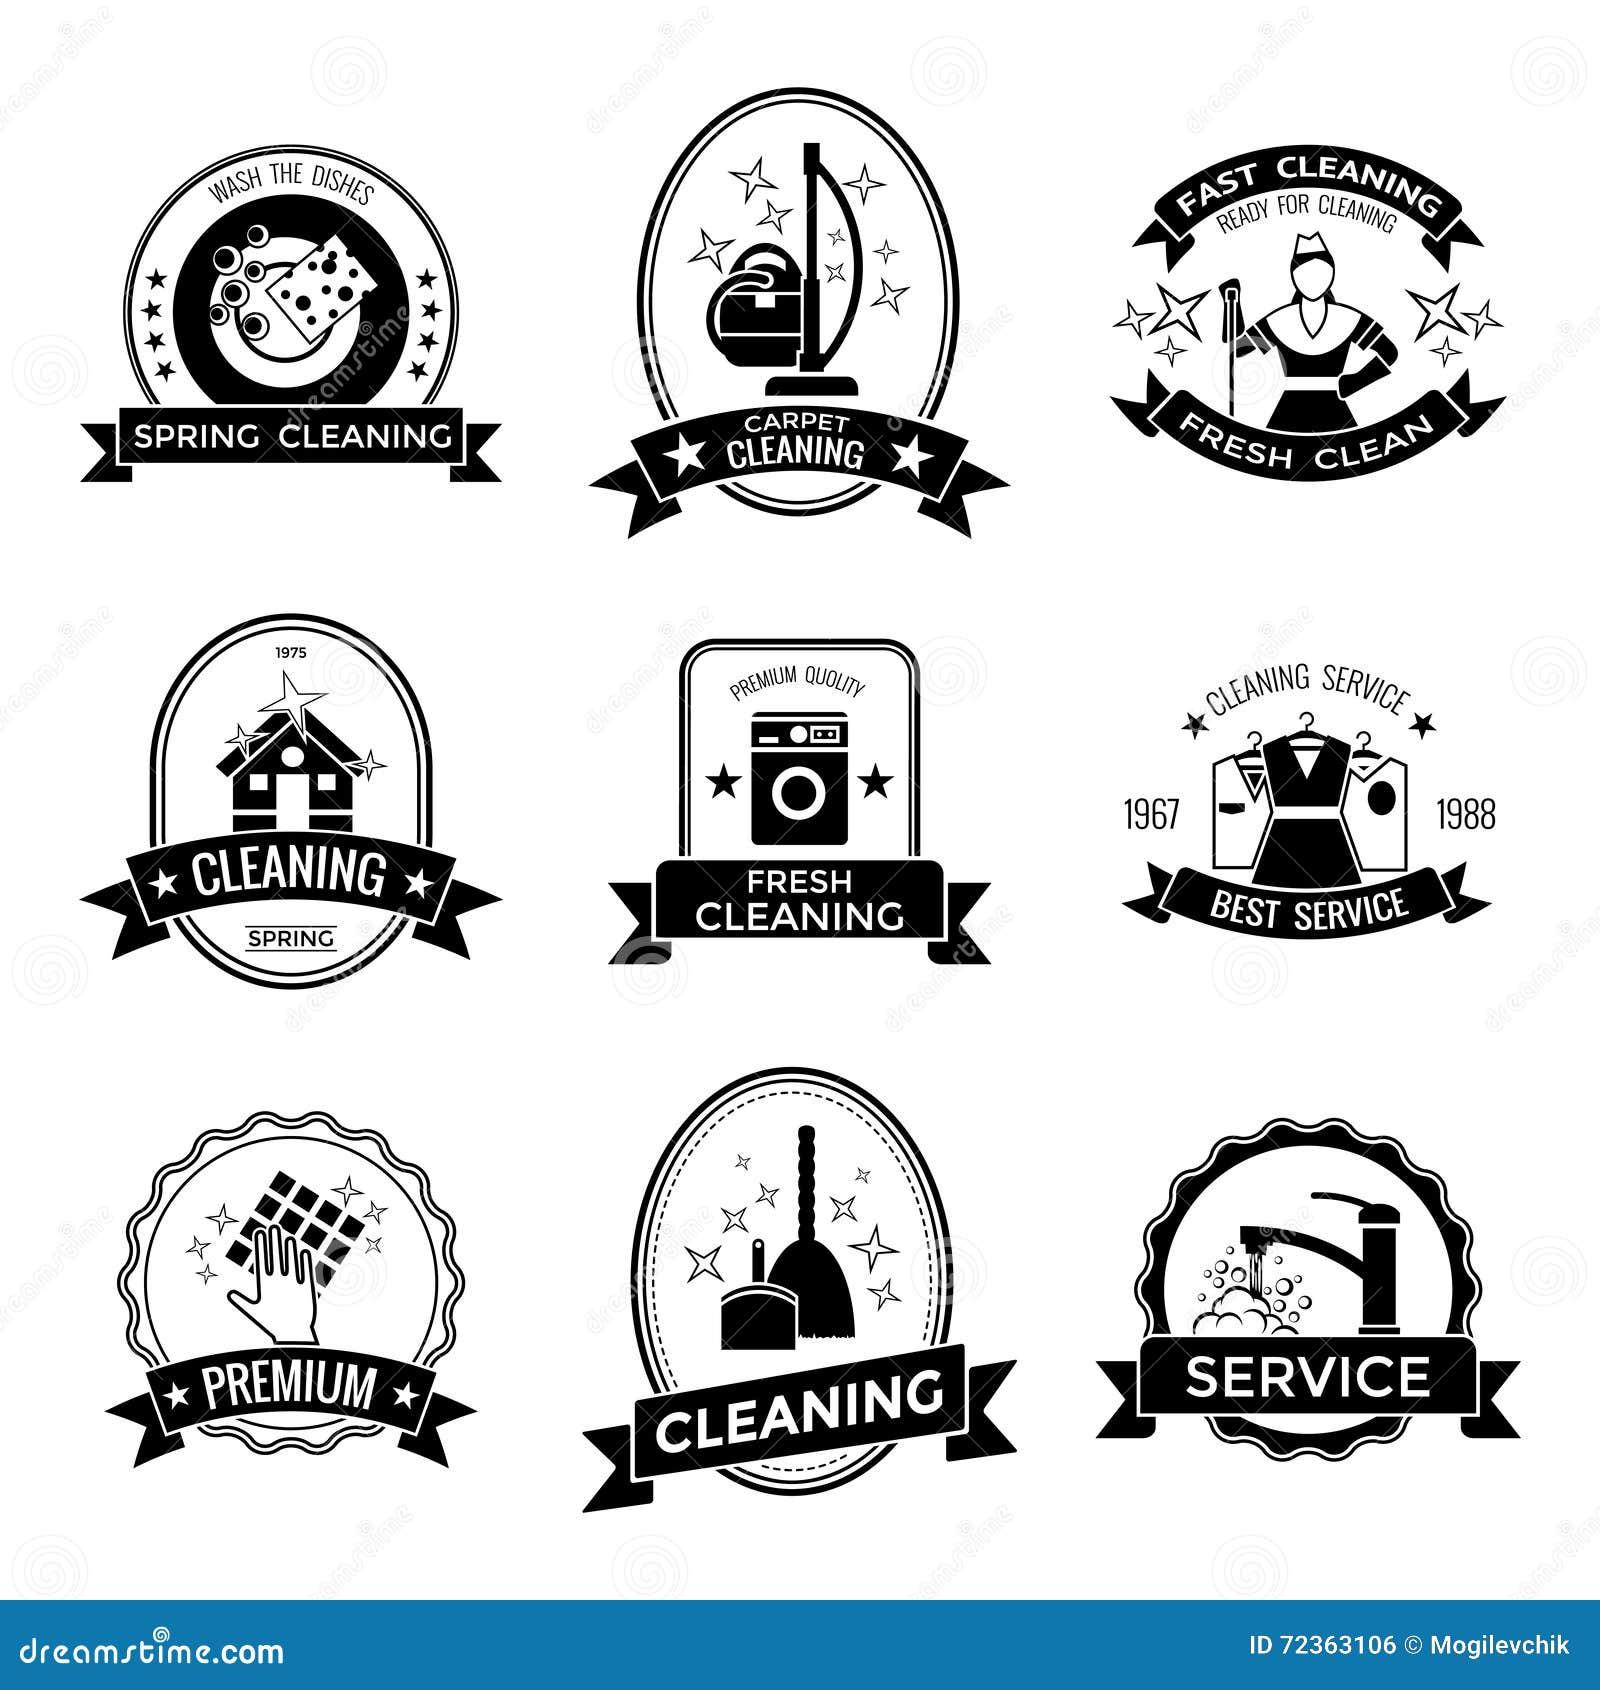 清洁服务图表象征